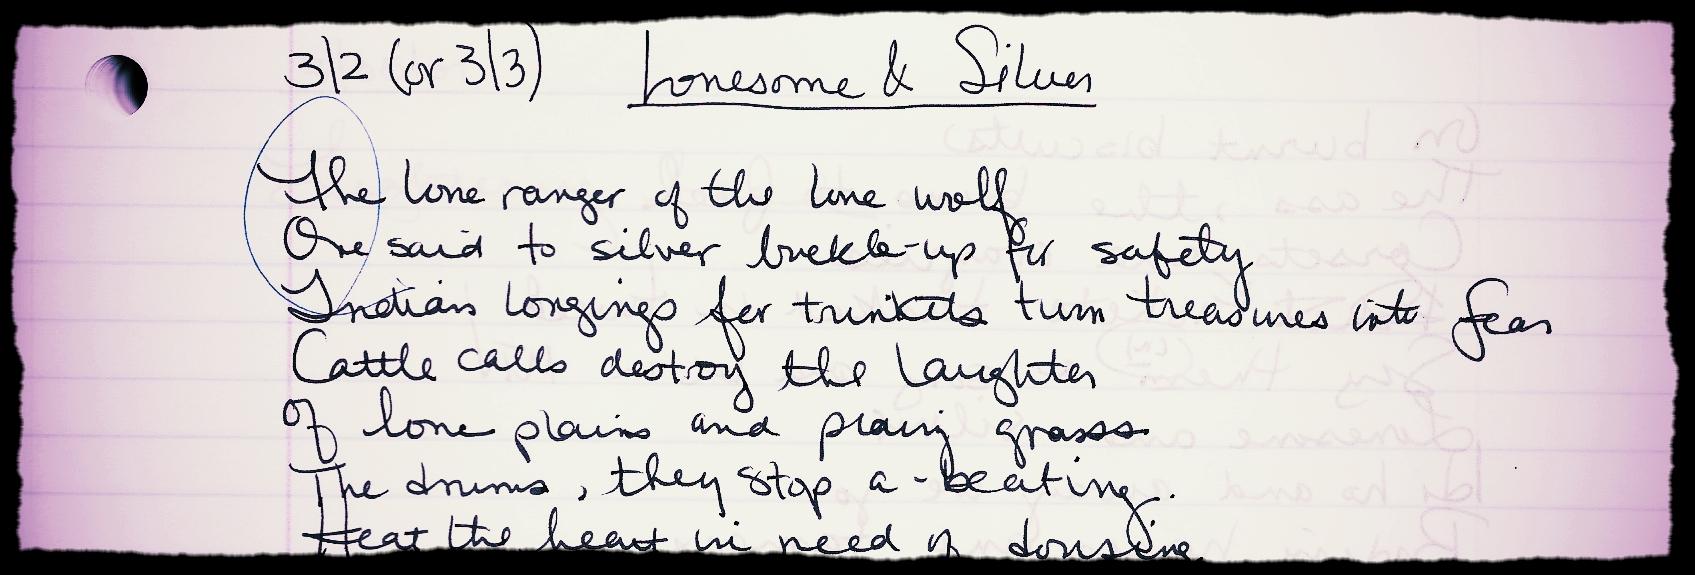 Lonesome & Silver.jpg